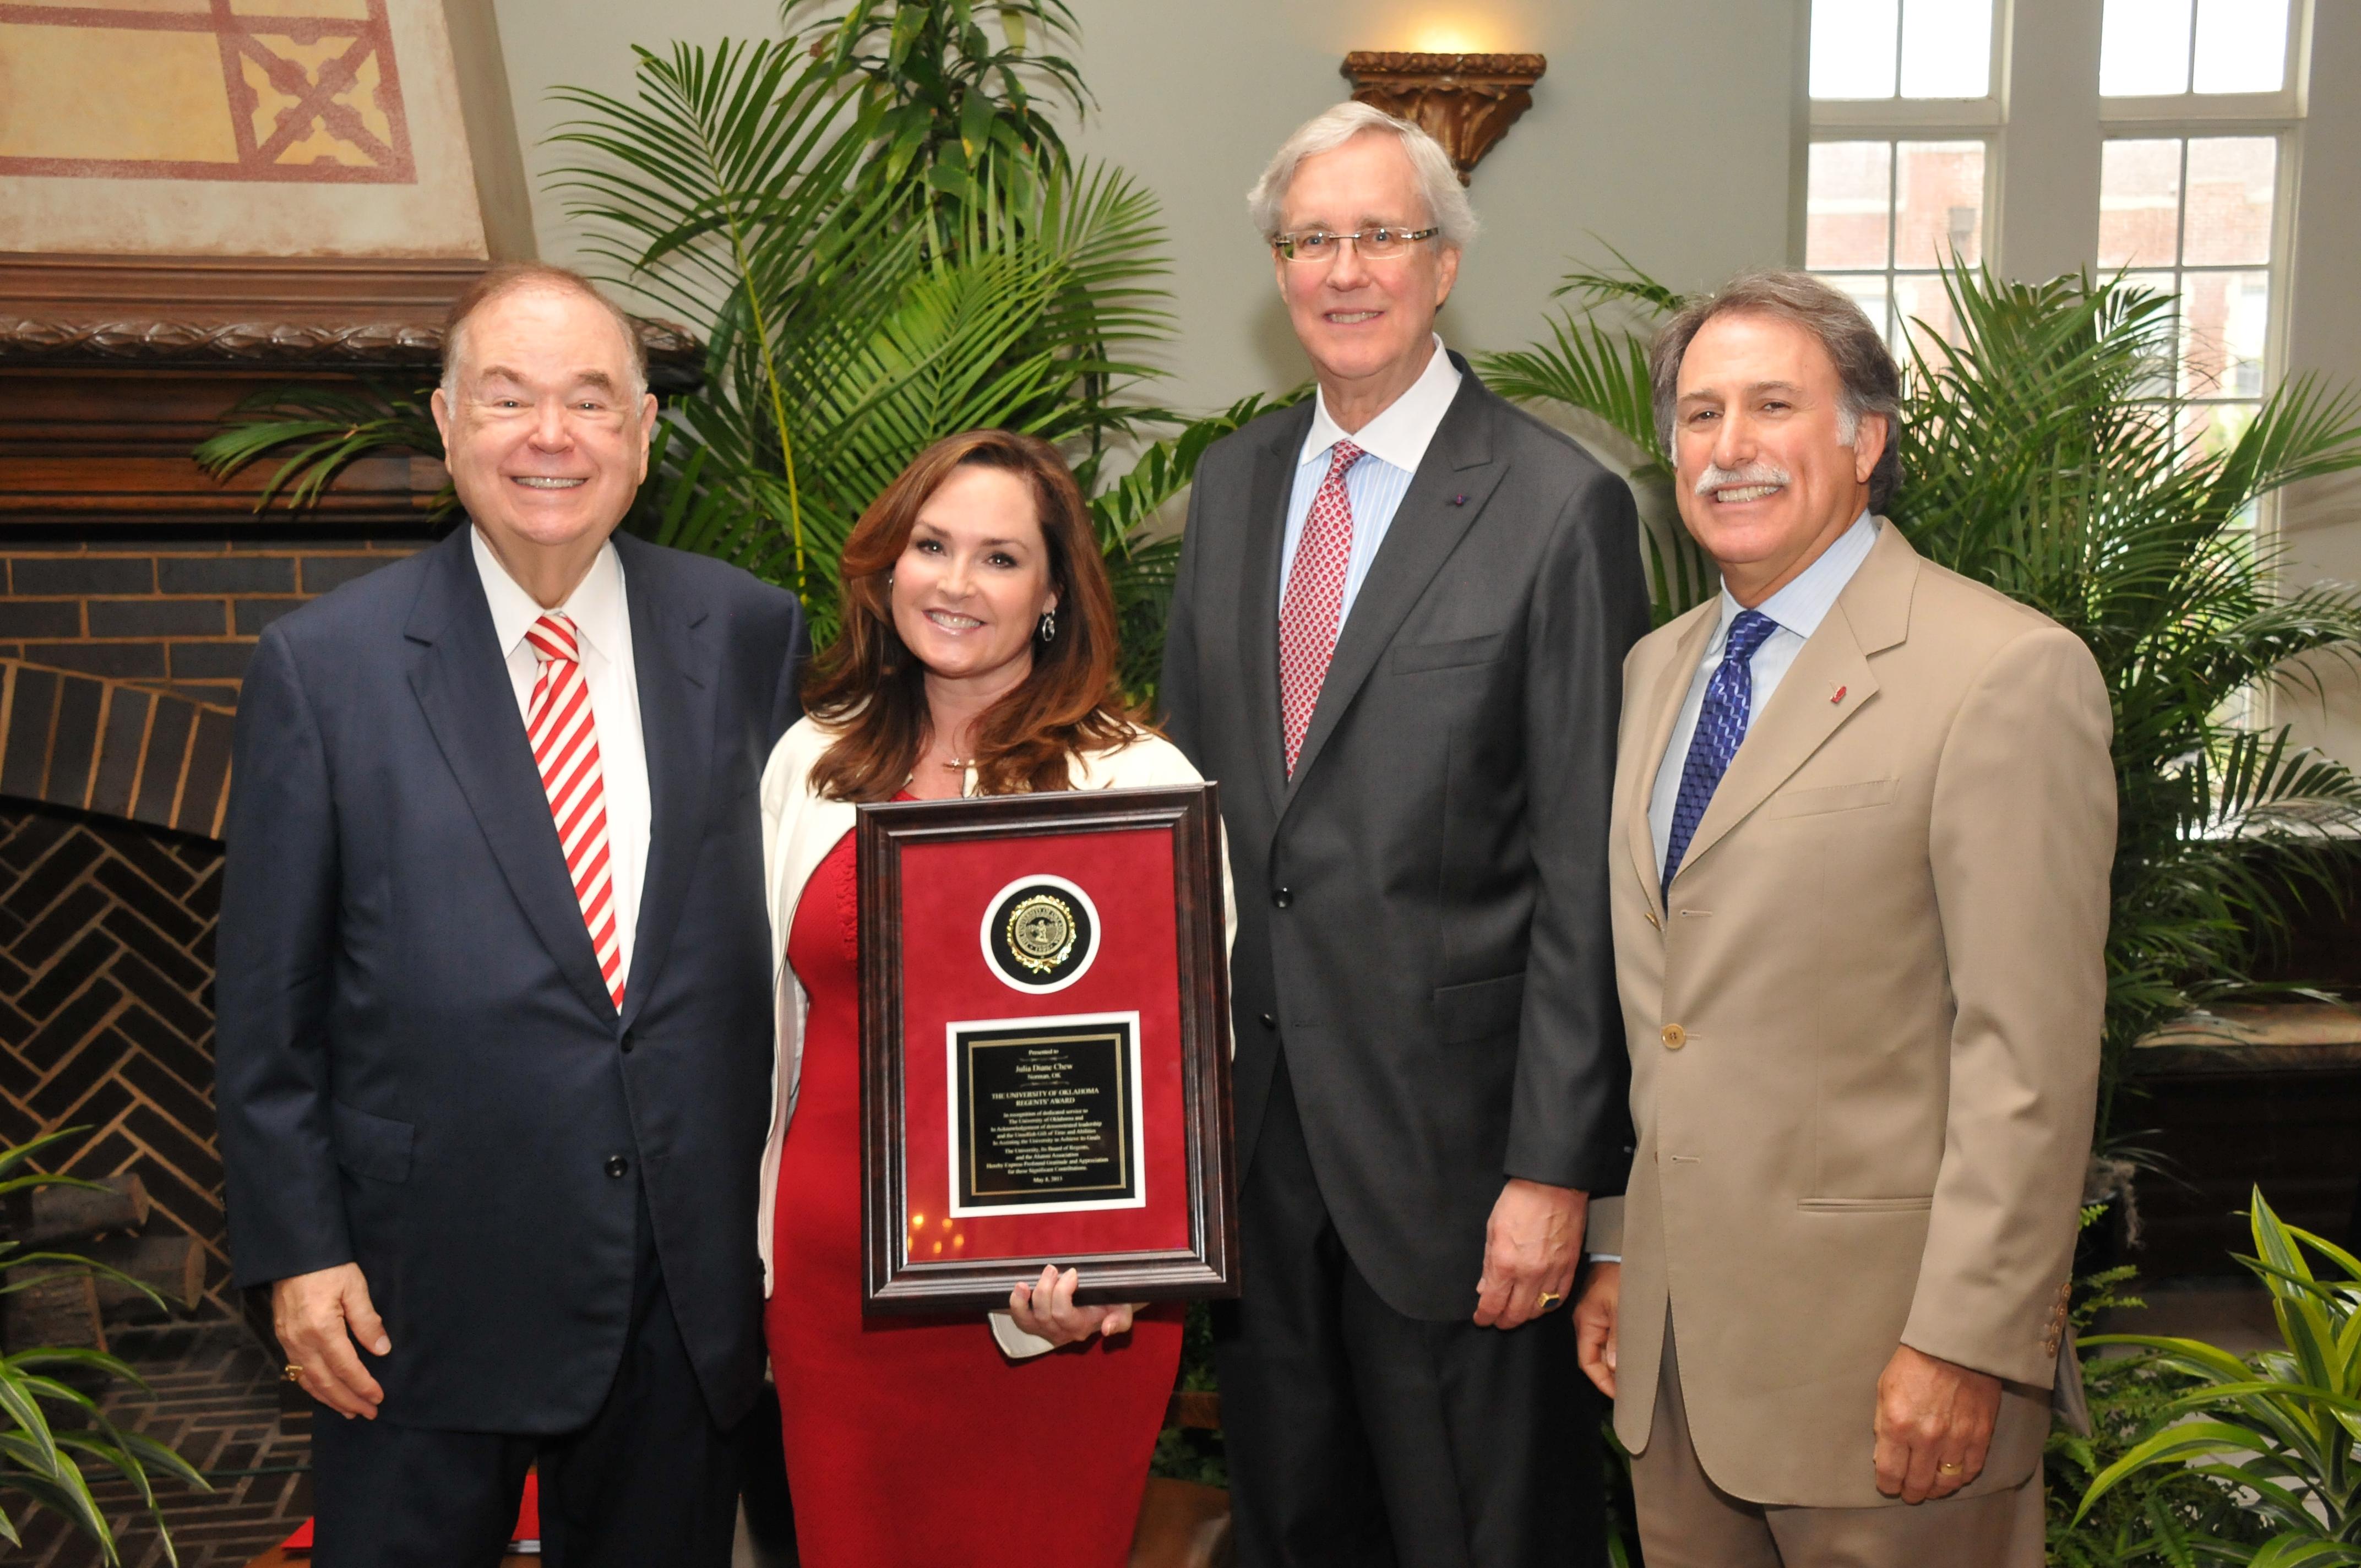 Julia Chew Named 2015 Regents Alumni Award Recipient